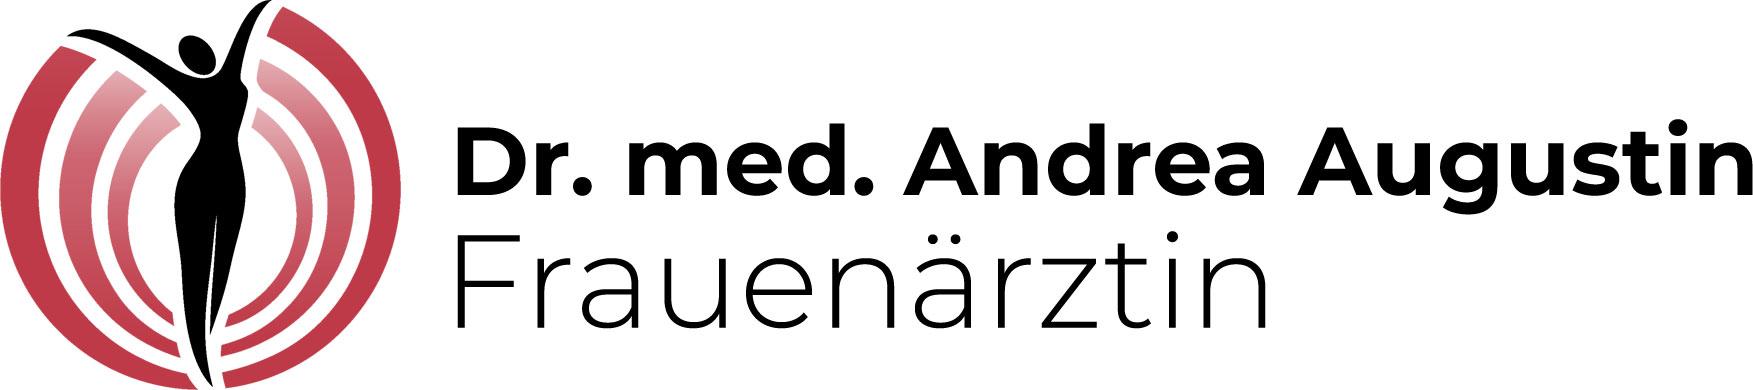 Dr. med. Andrea Augustin